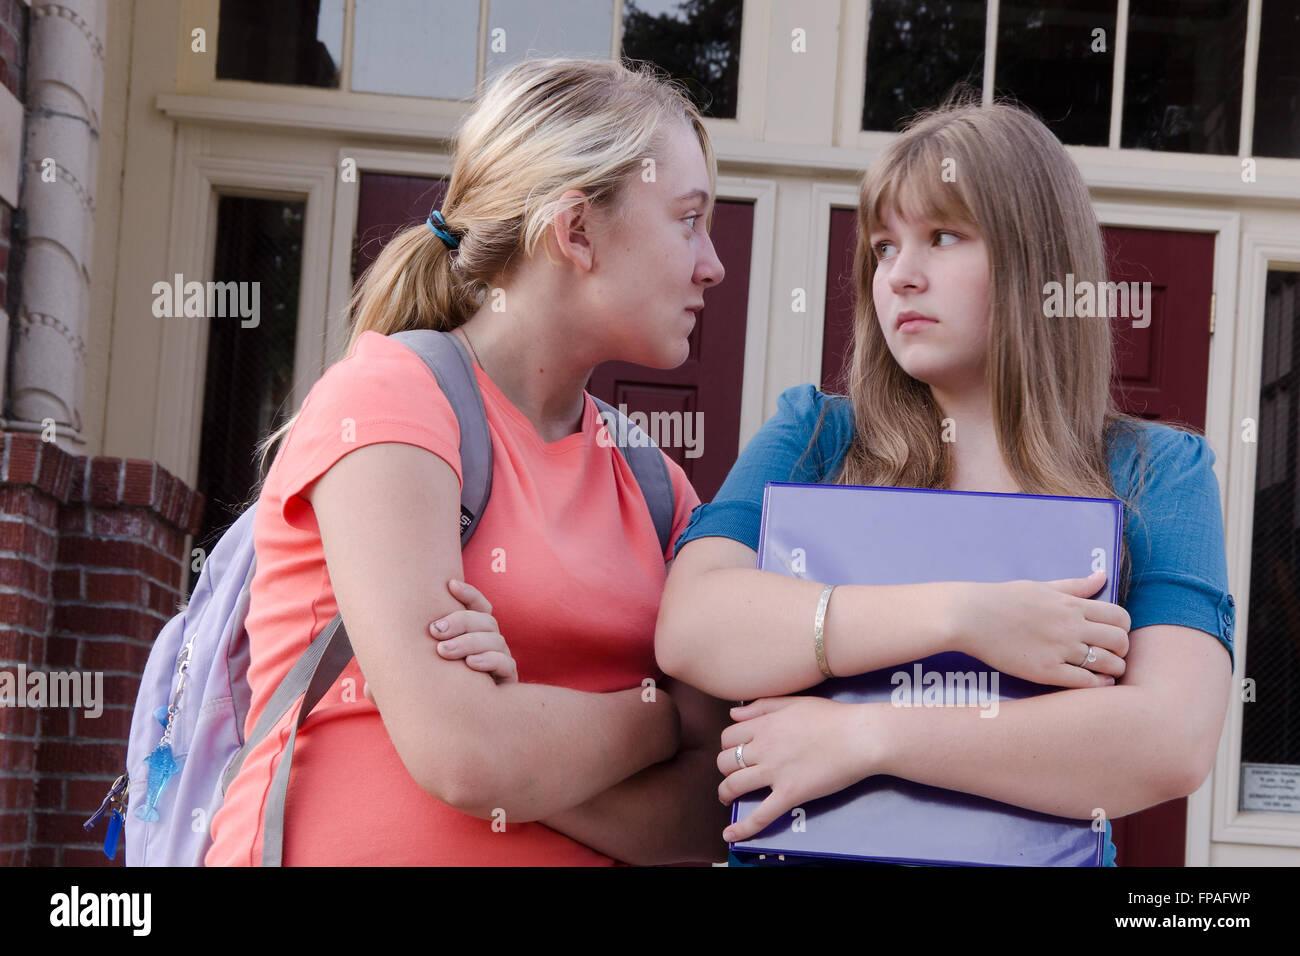 Una agresiva jovencita intimida a otra chica delante de su escuela, probablemente más de un niño. Imagen De Stock